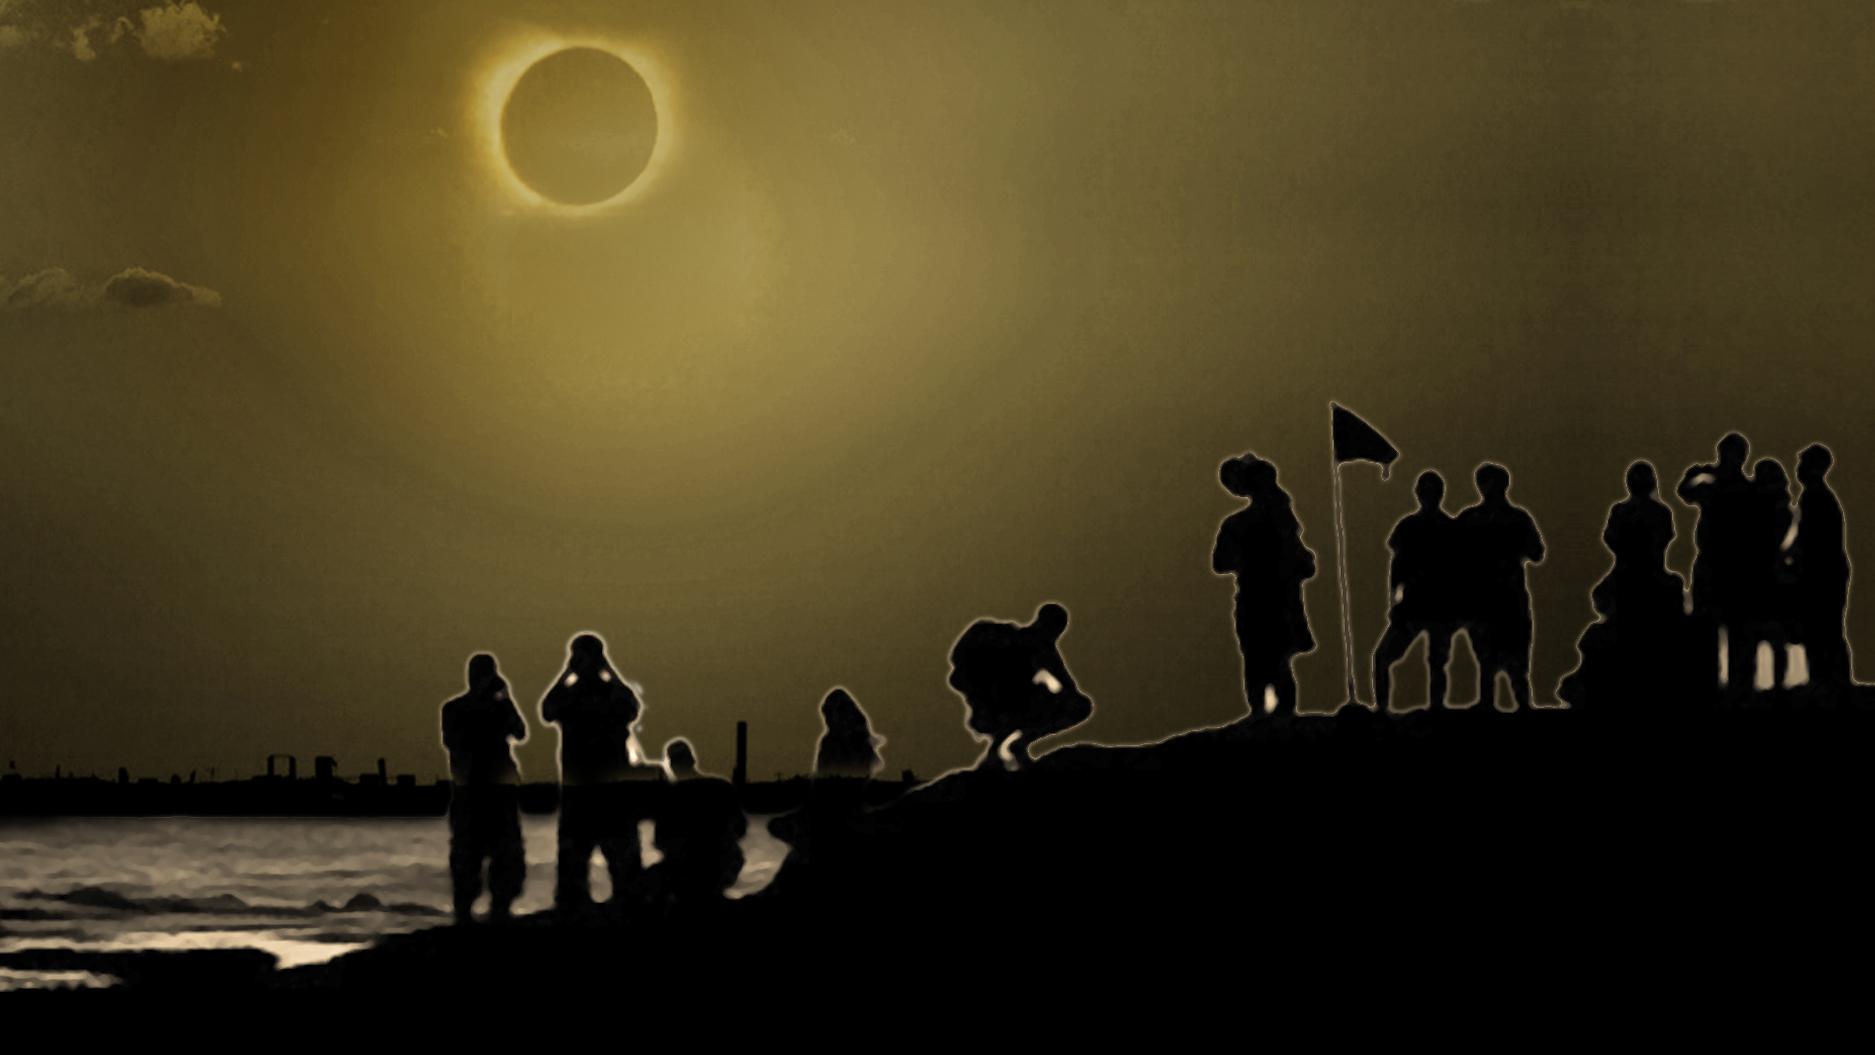 Gerhana Matahari 2016, Anugerah Dari-Nya Untuk Indonesia